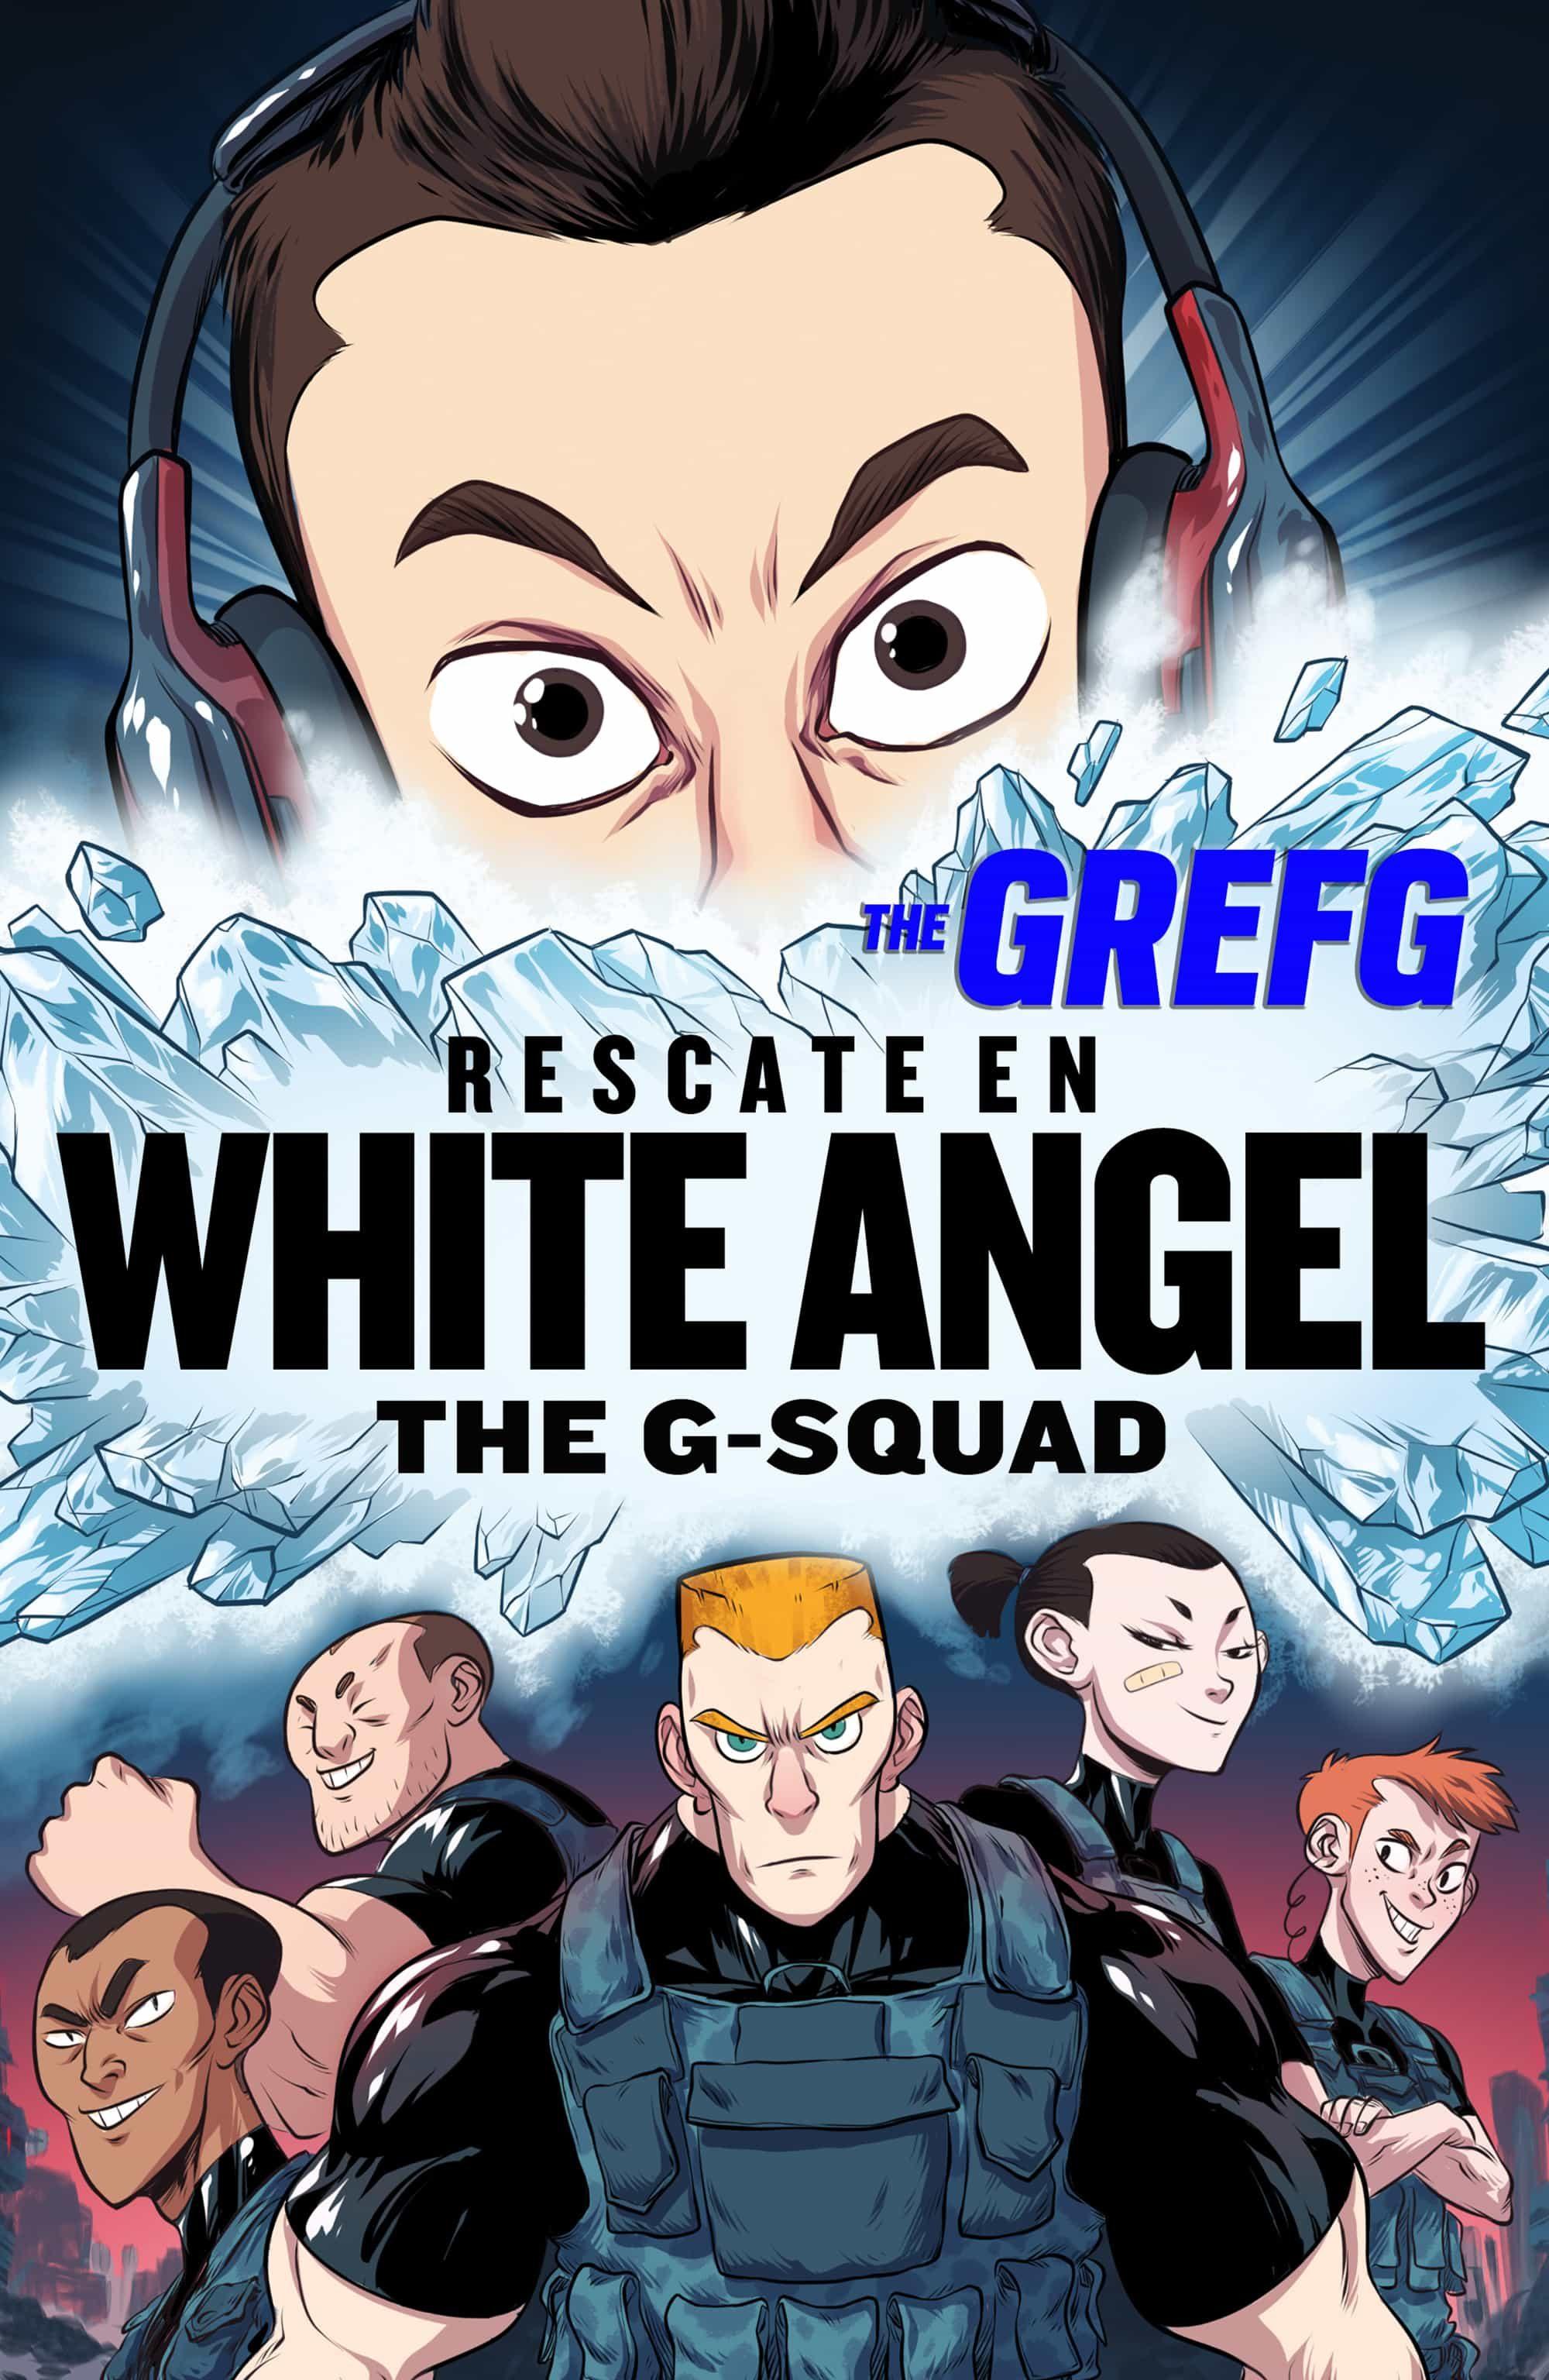 Rescate En White Angel (the G-squad)   por Thegrefg epub